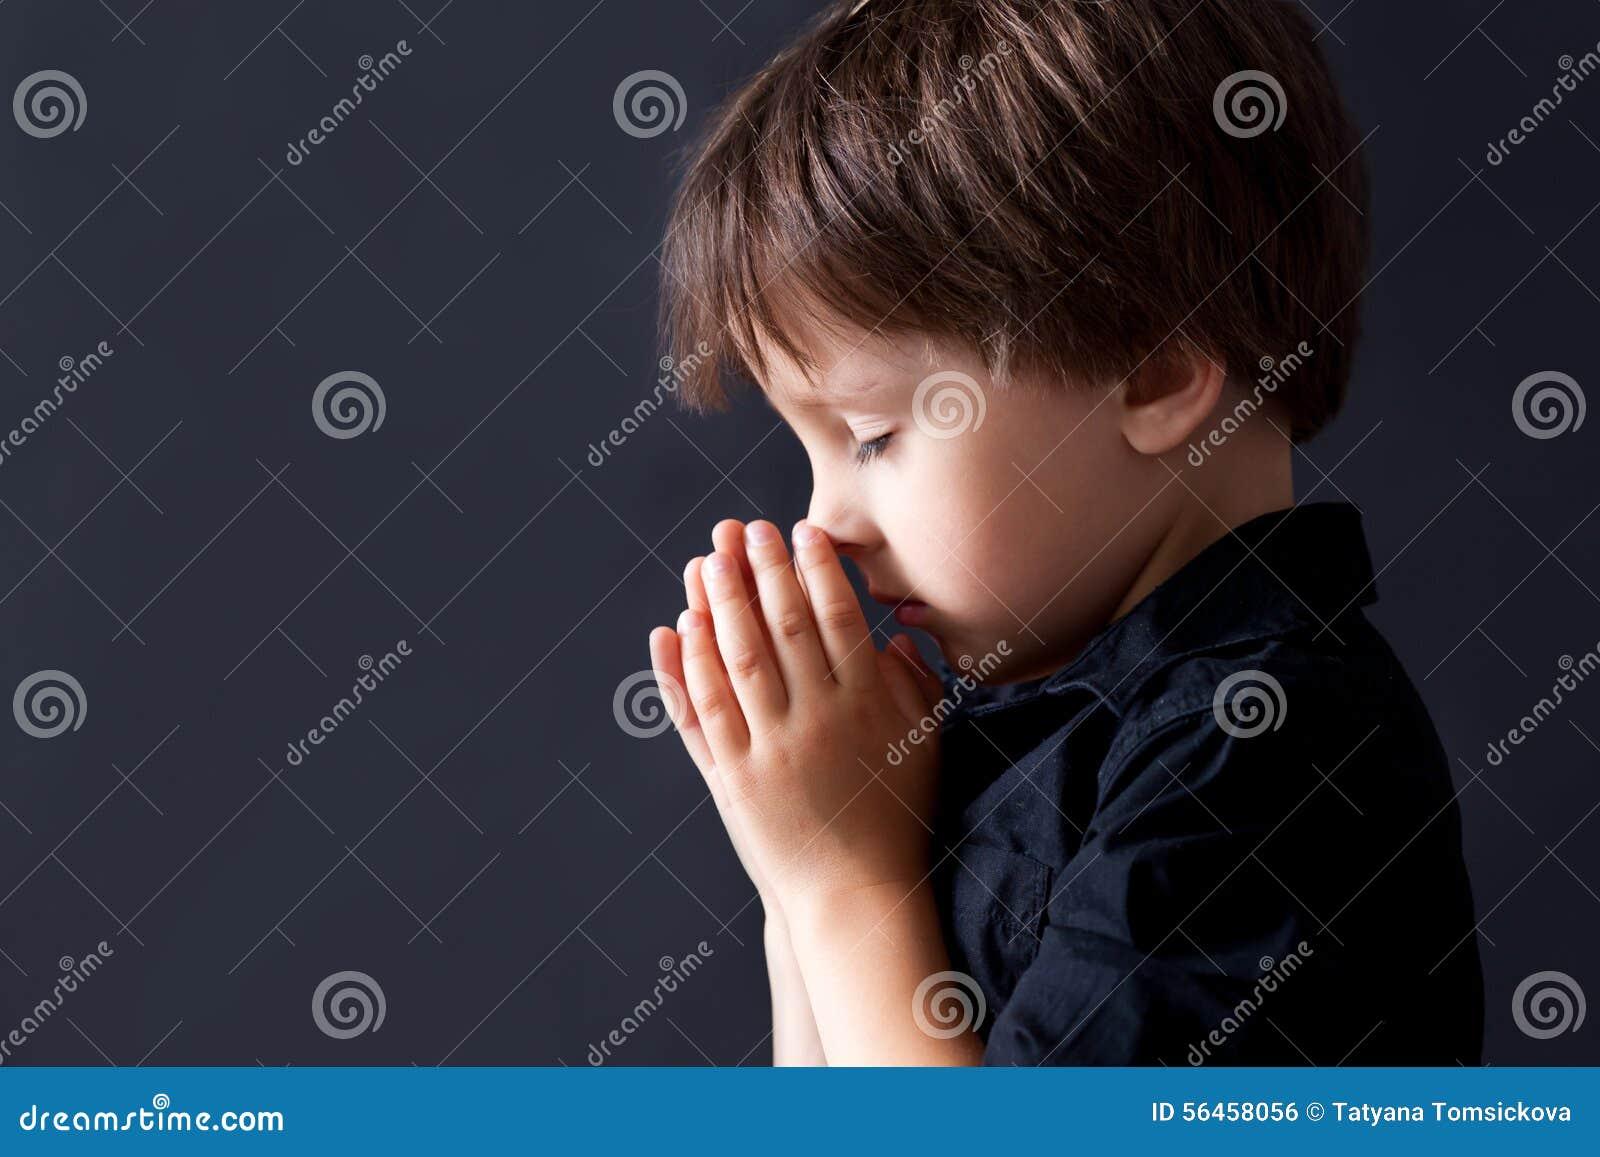 Kleiner Junge, der, betendes Kind, lokalisierter Hintergrund betet